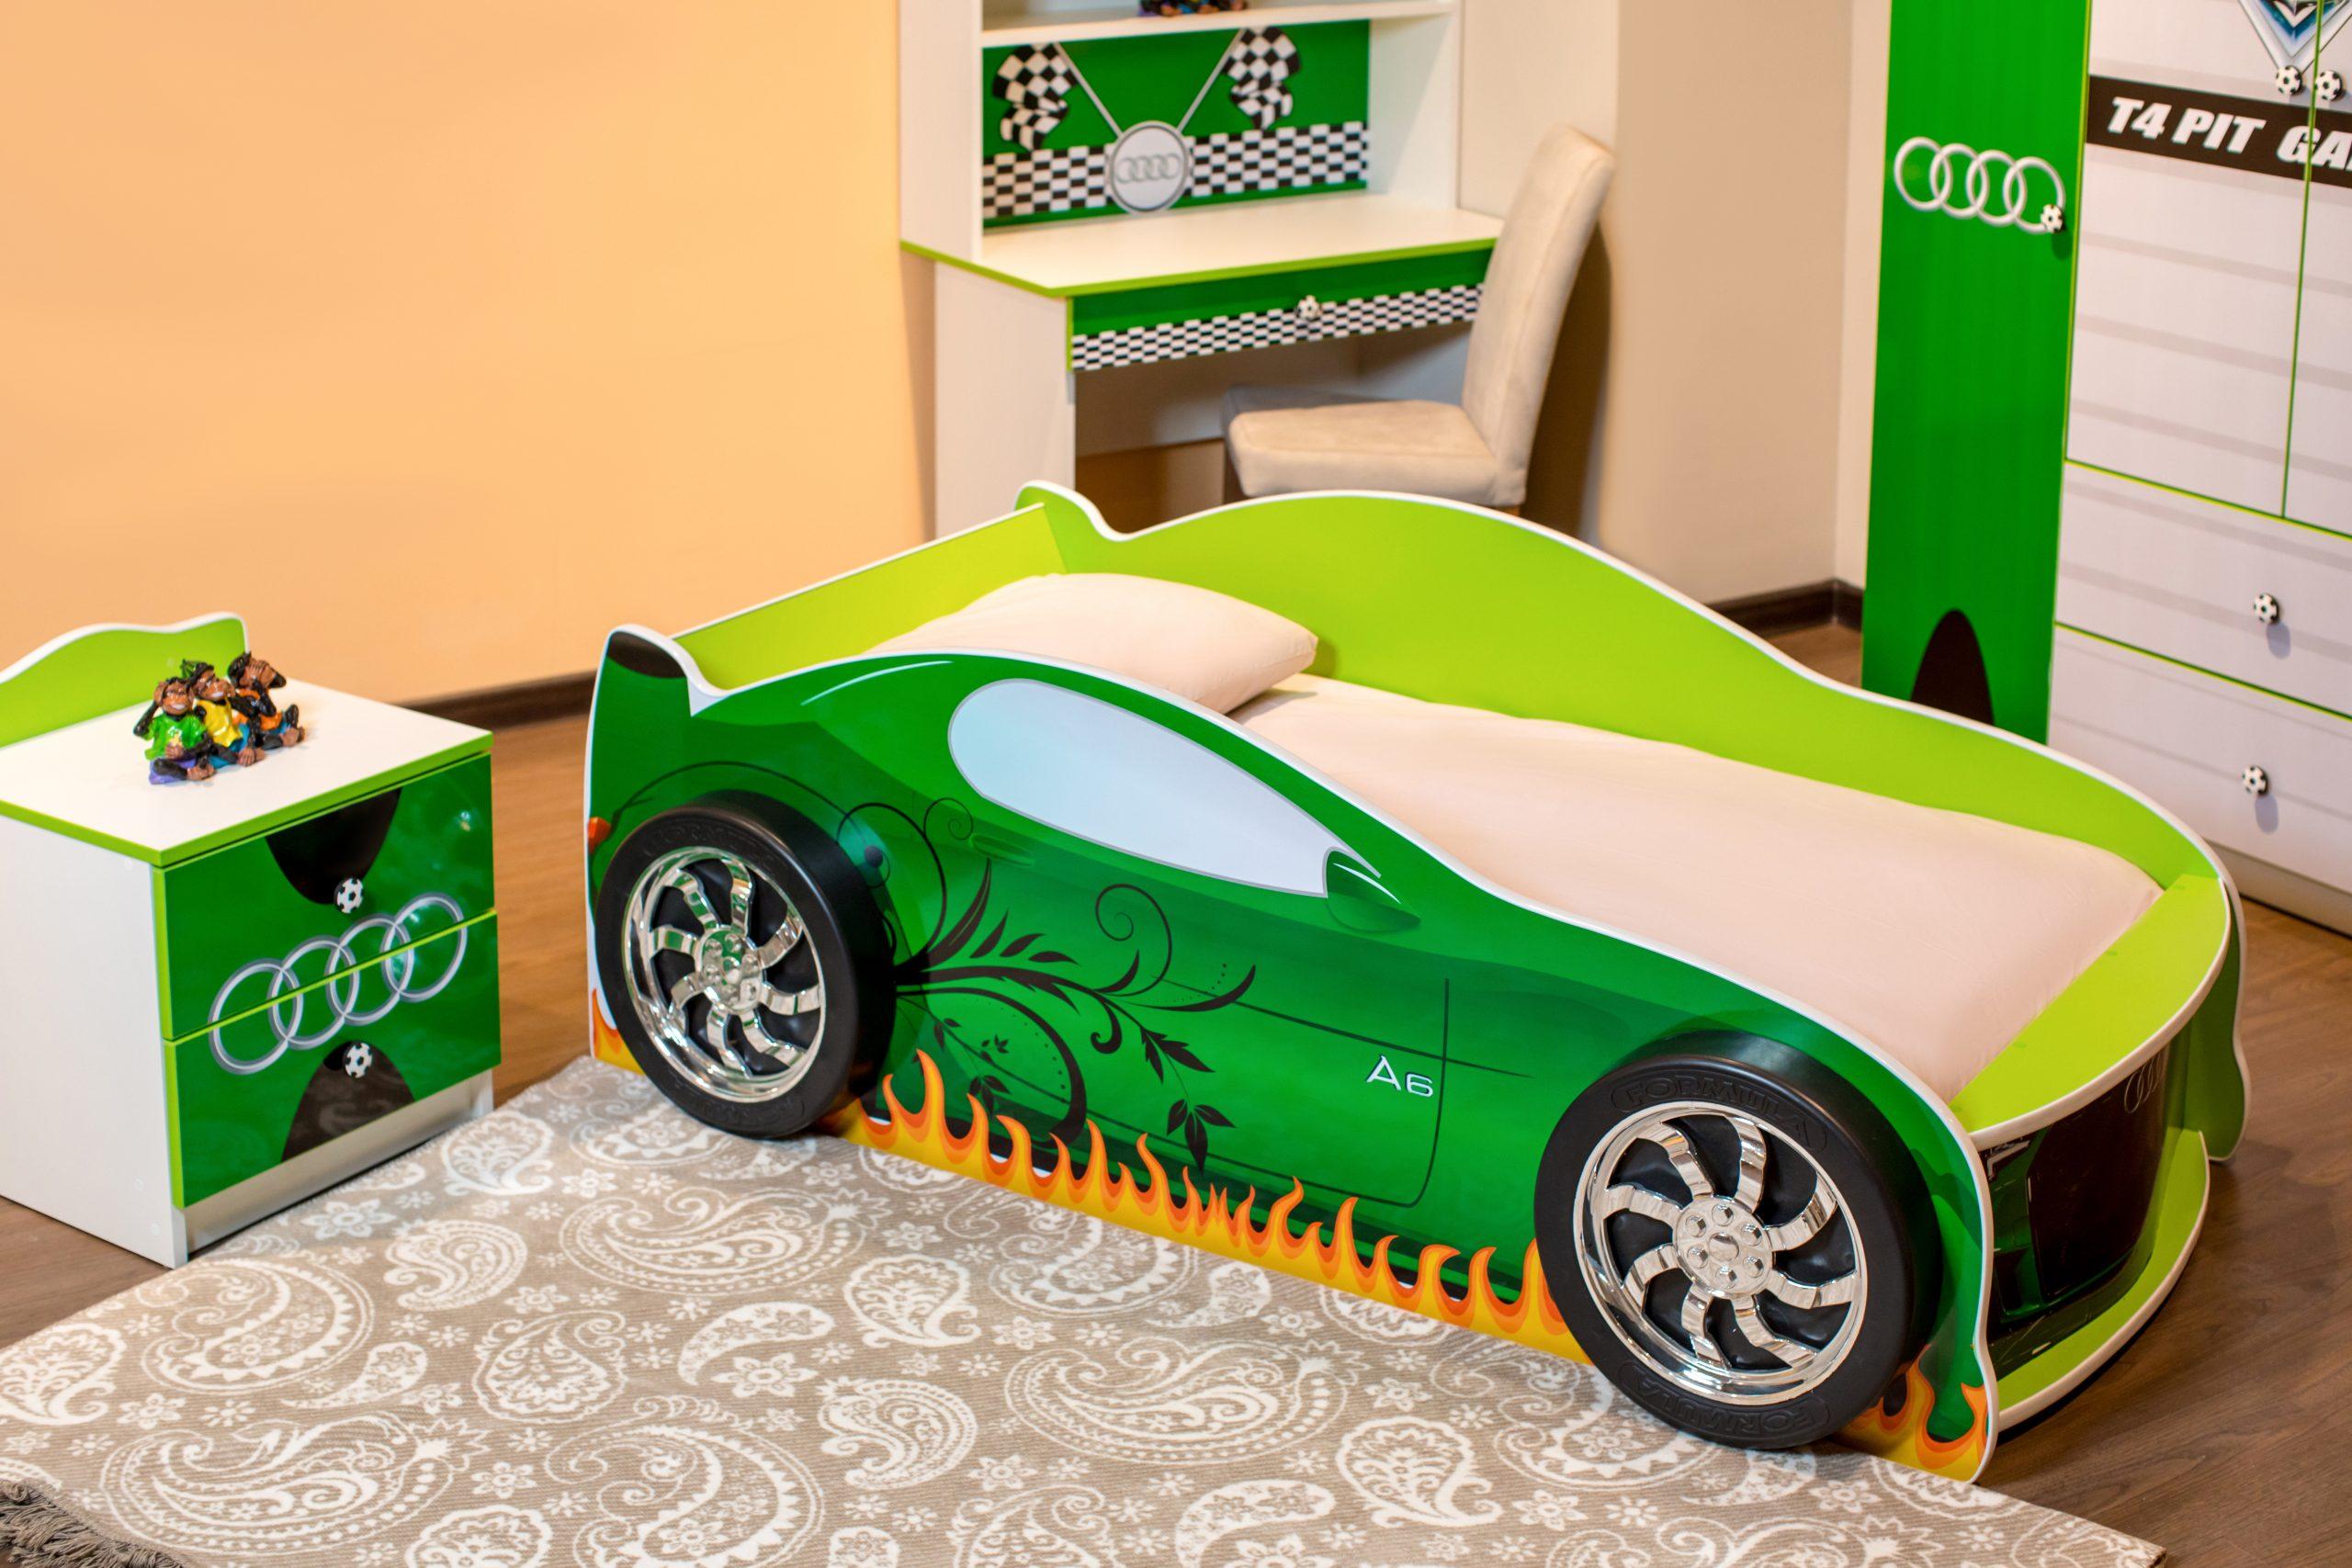 Mələklər -  Audi uşaq dəsti  - 1